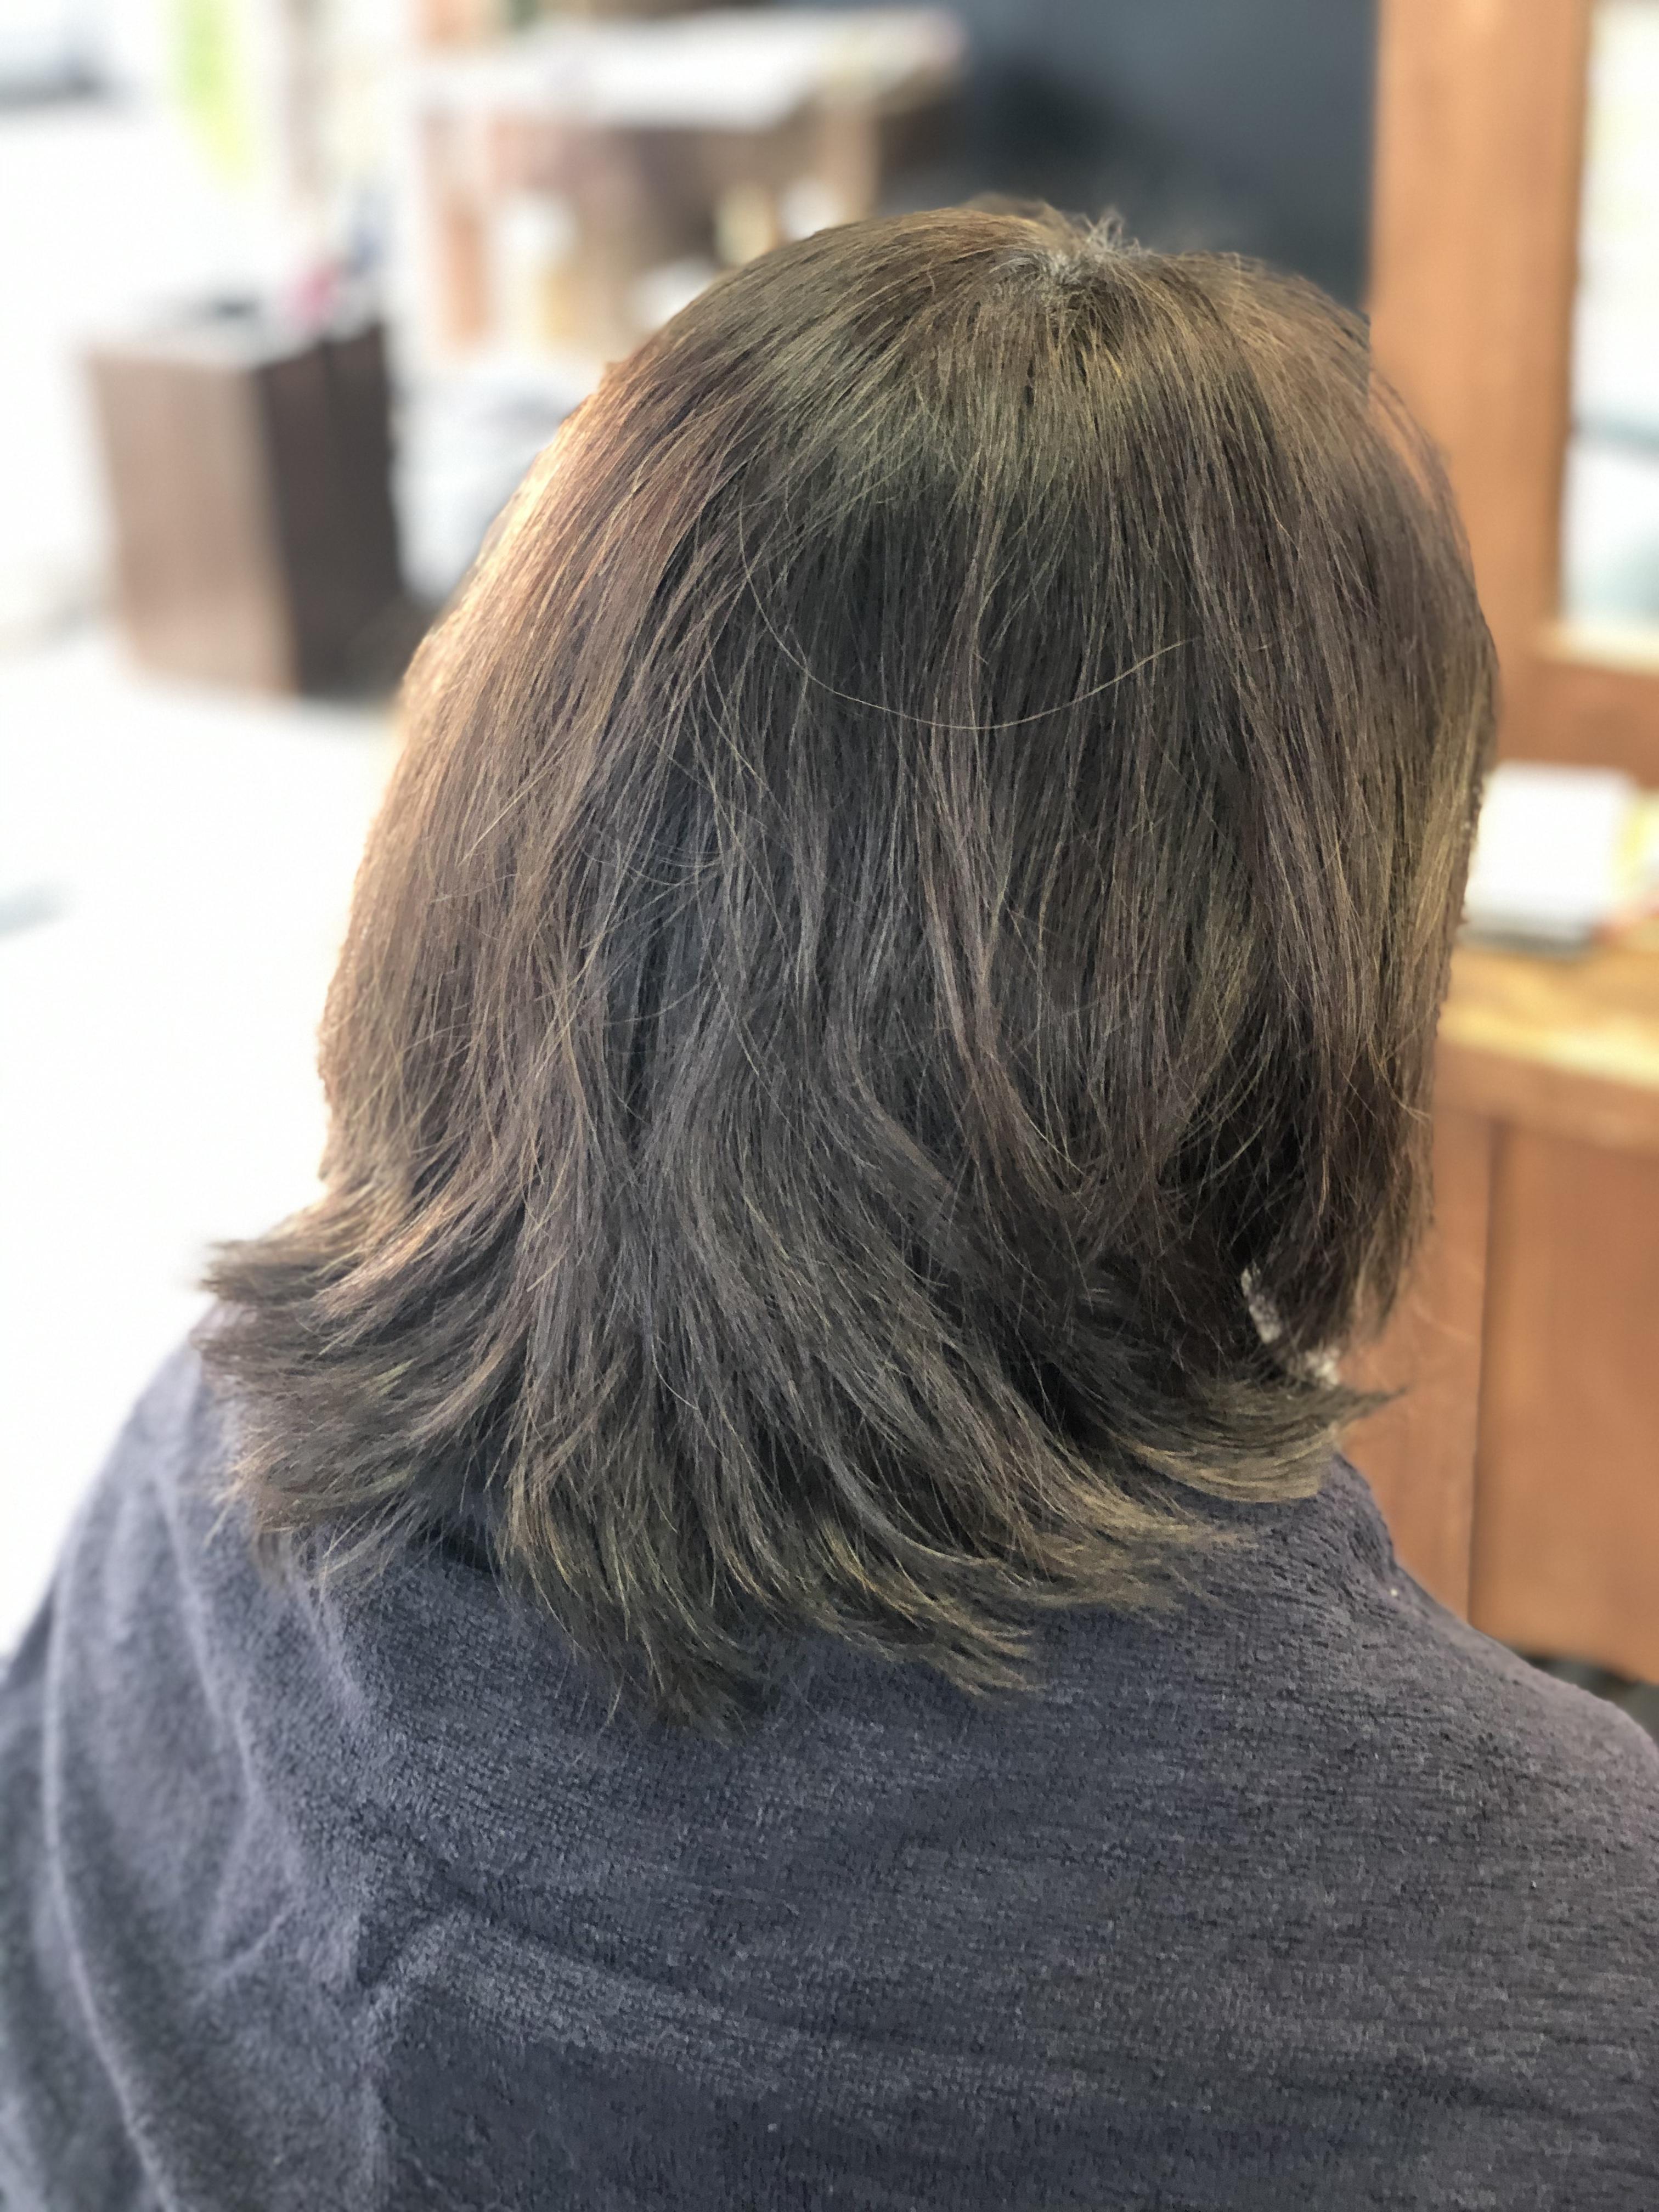 41歳の白髪染めで明るくなった髪の色を落ち着かせたい